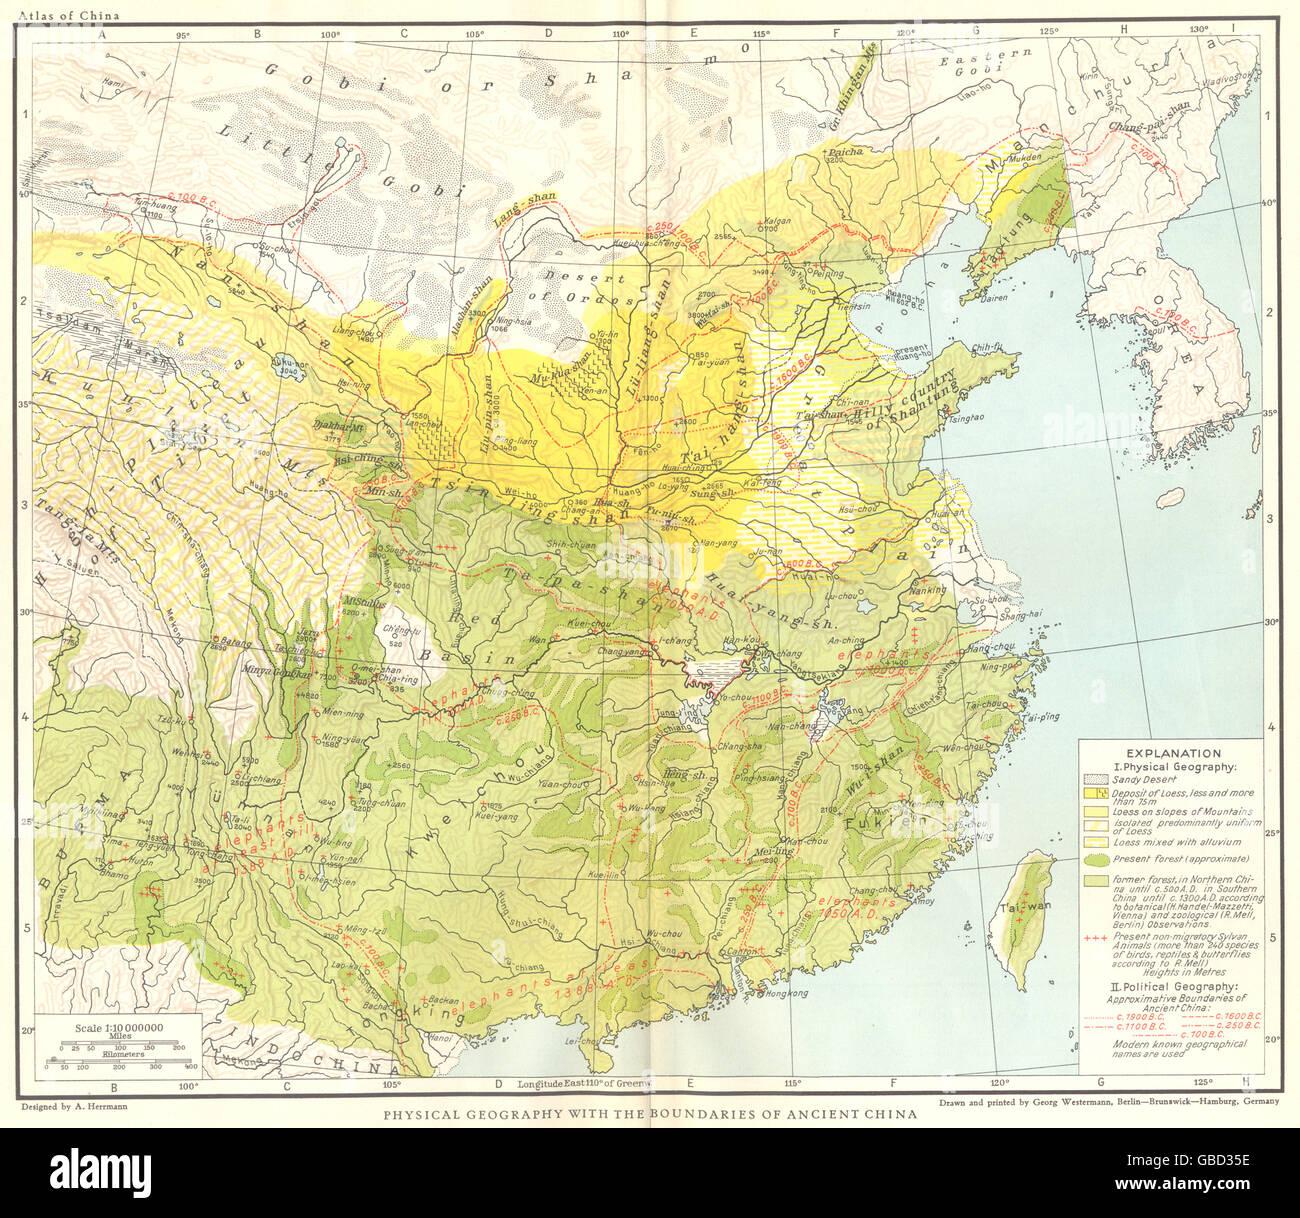 China Karte Physisch.China Physische Geographie Mit Den Grenzen Des Alten China Karte